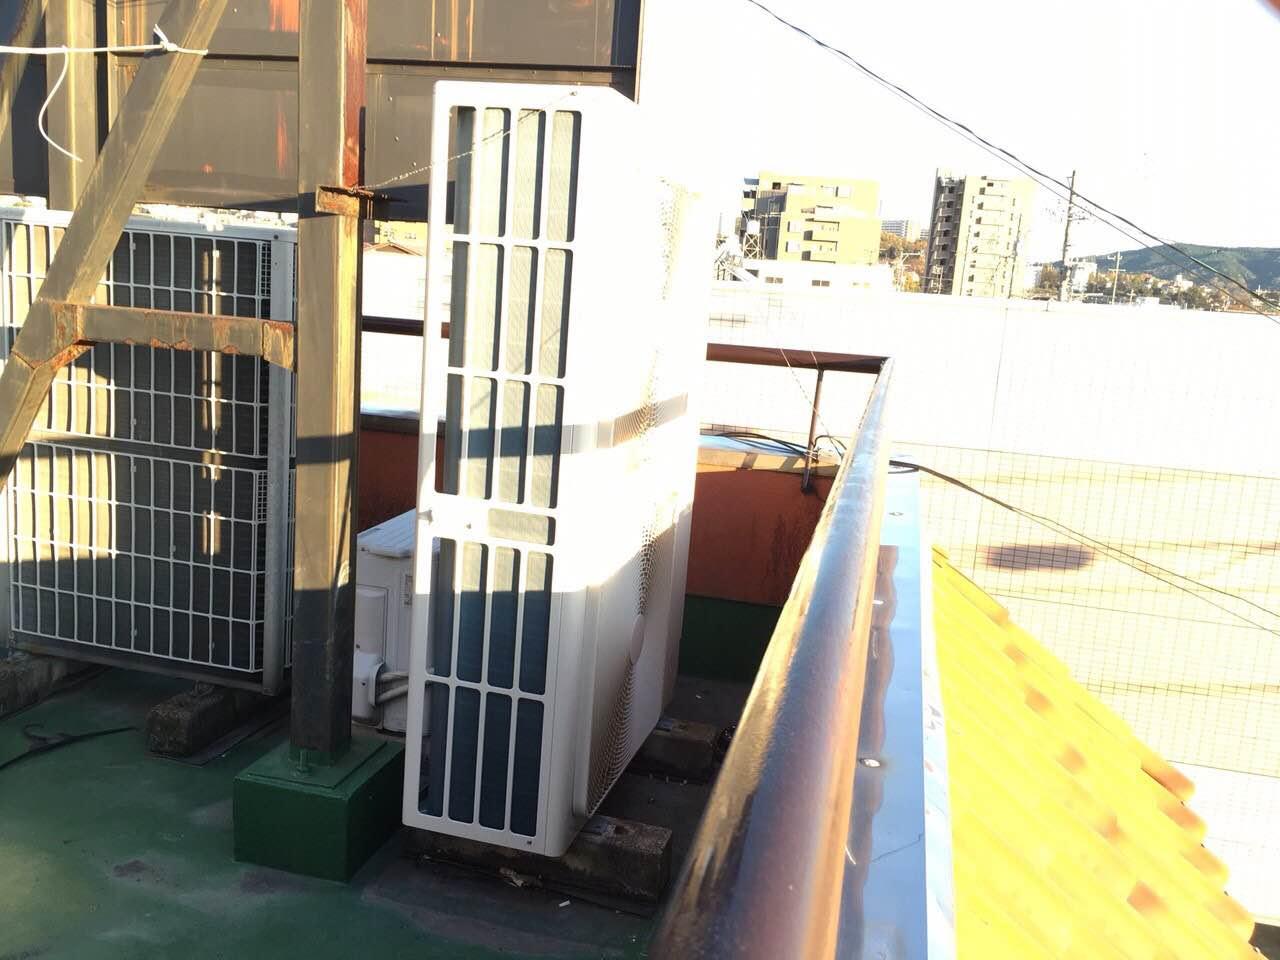 春日井市 | 業務用エアコン工事 | 27年12月18日